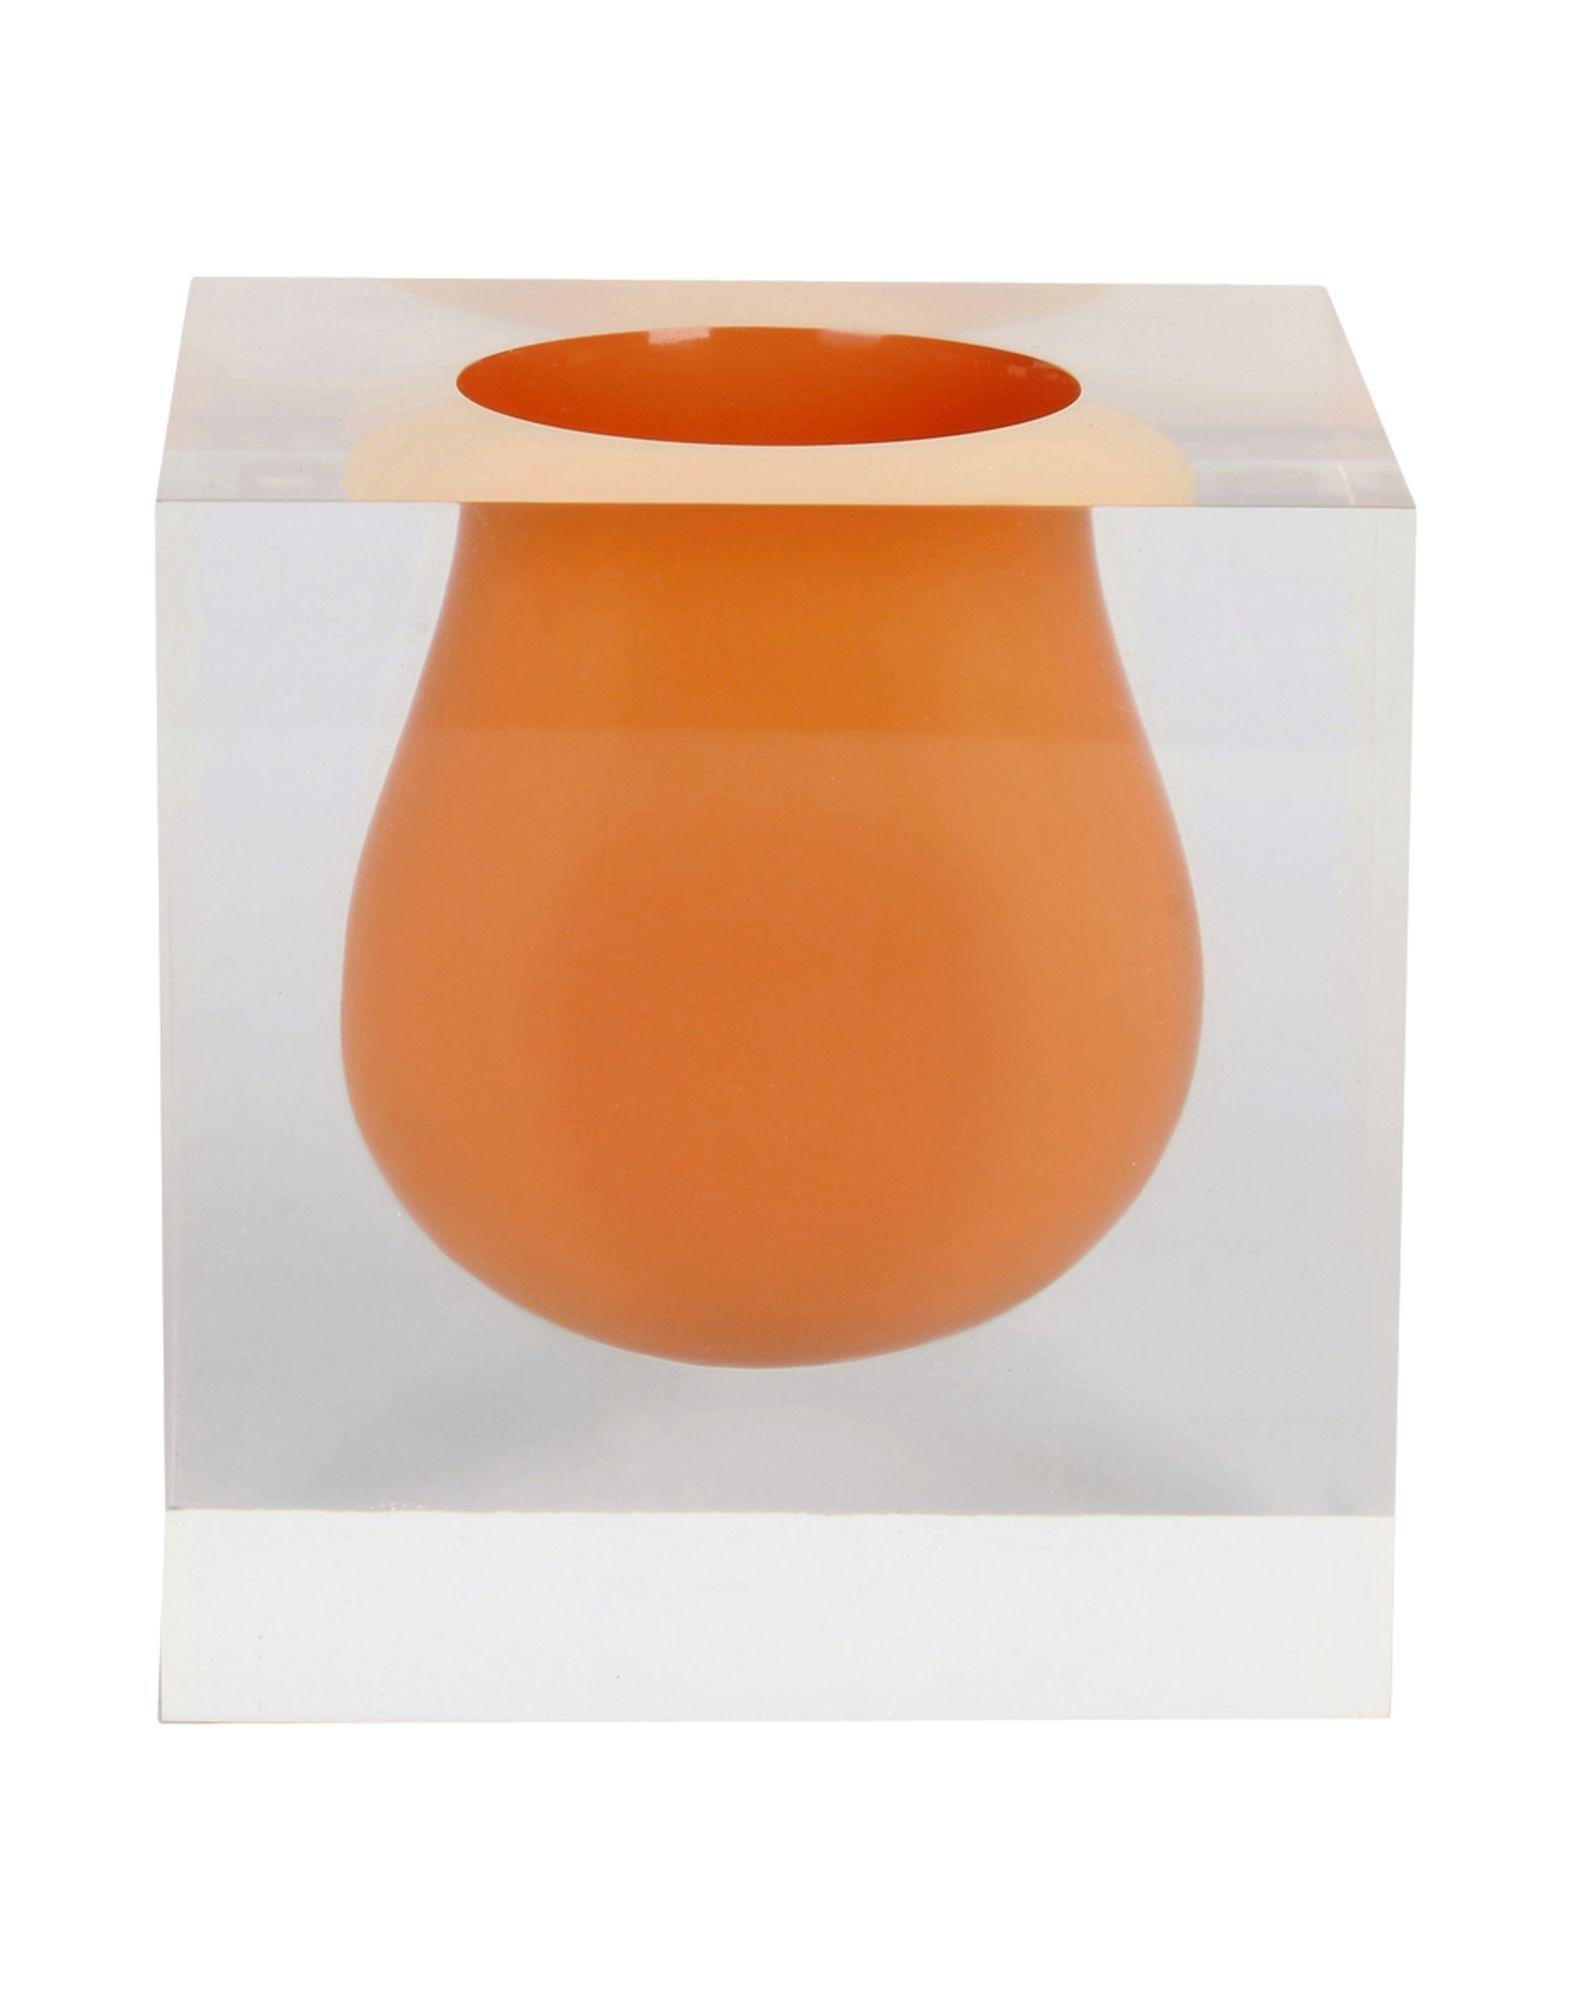 YOOX.COM(ユークス)《セール開催中》JONATHAN ADLER Unisex ベース オレンジ PMMA